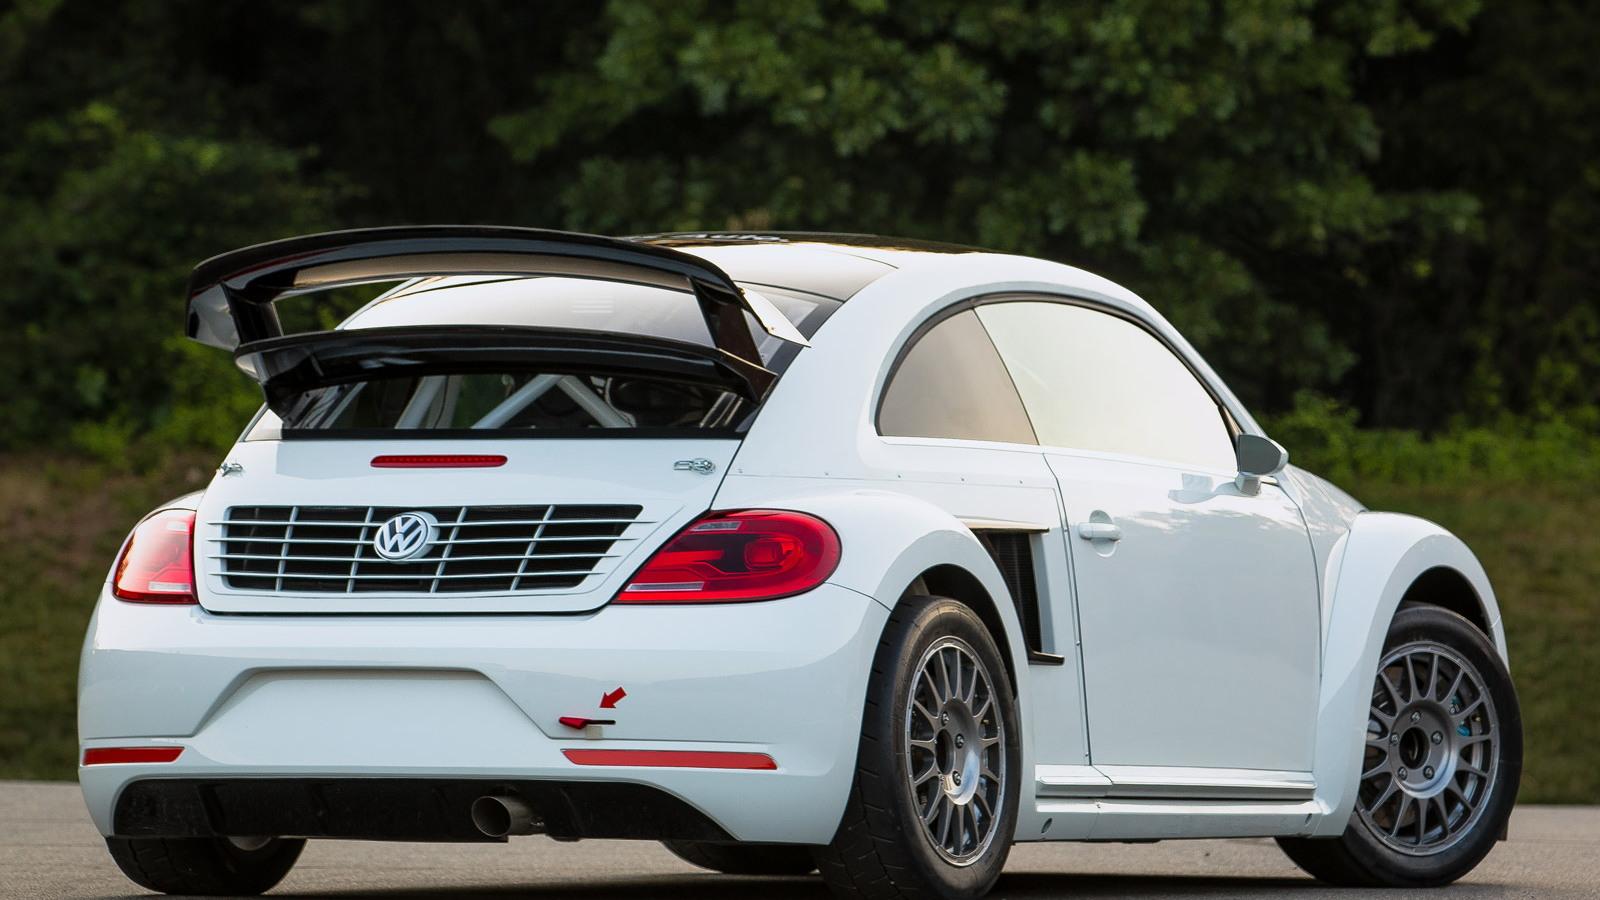 2014 Volkswagen Beetle Global Rallycross Championship car